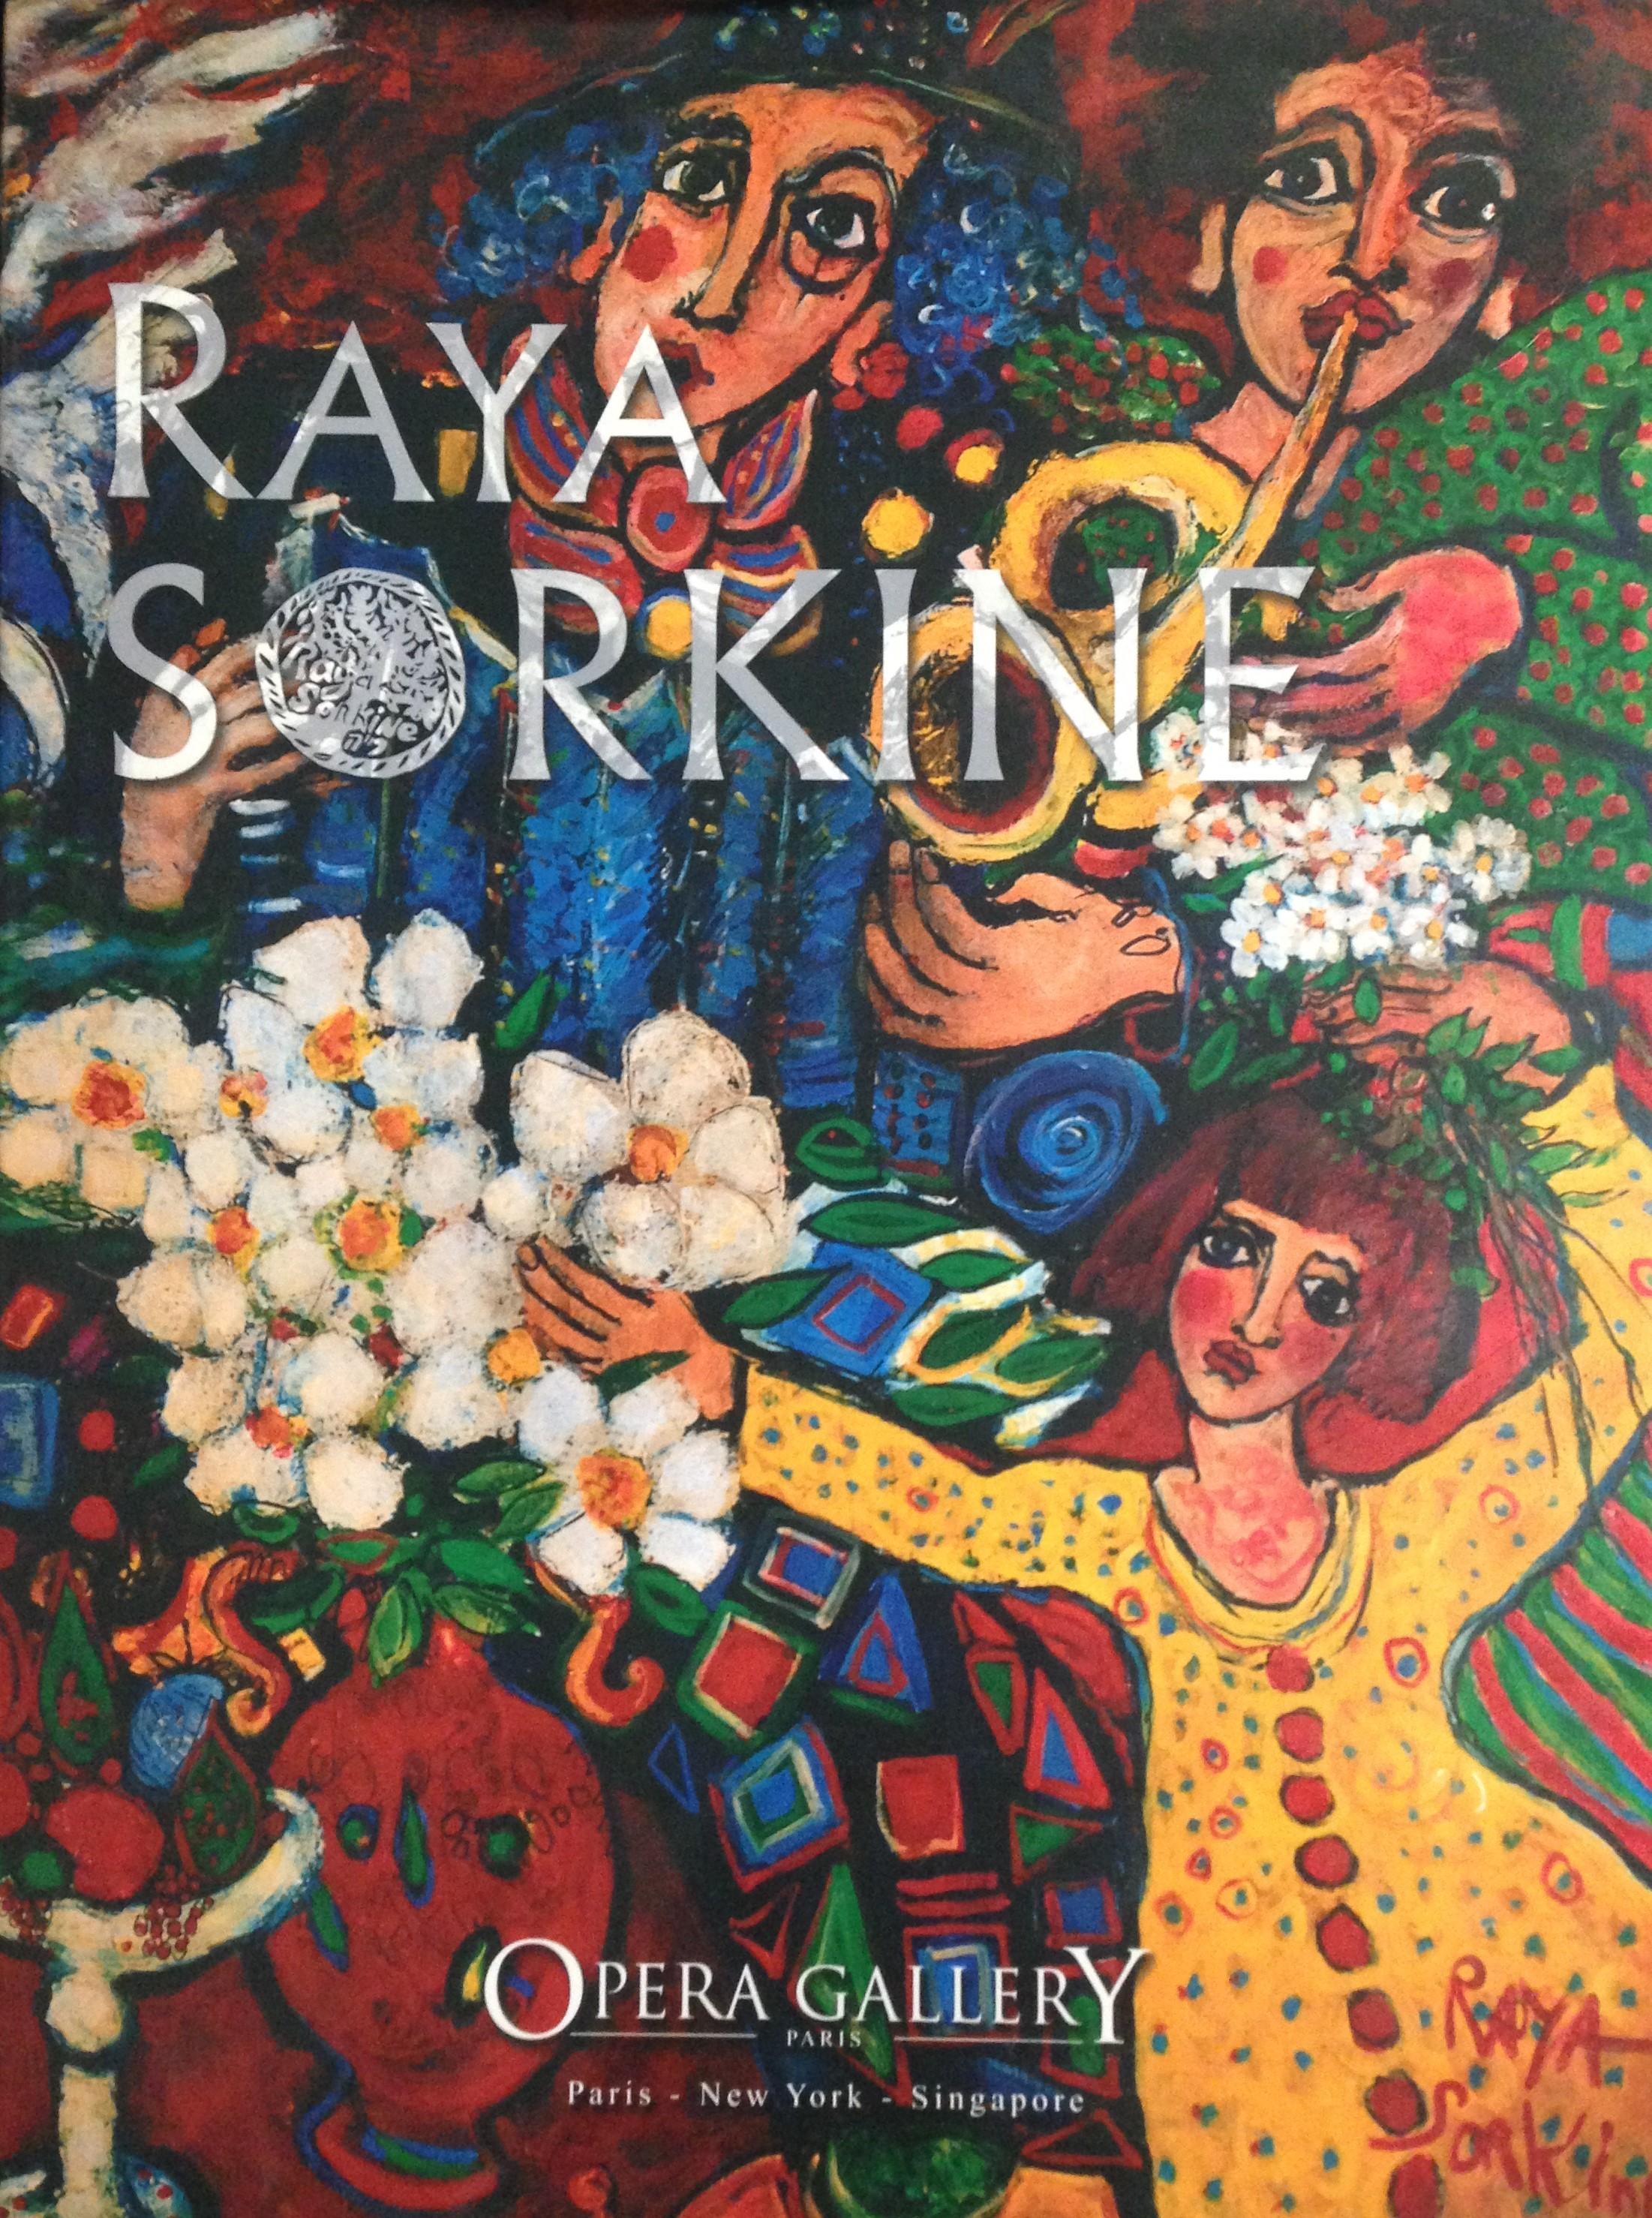 Raya Sorkine